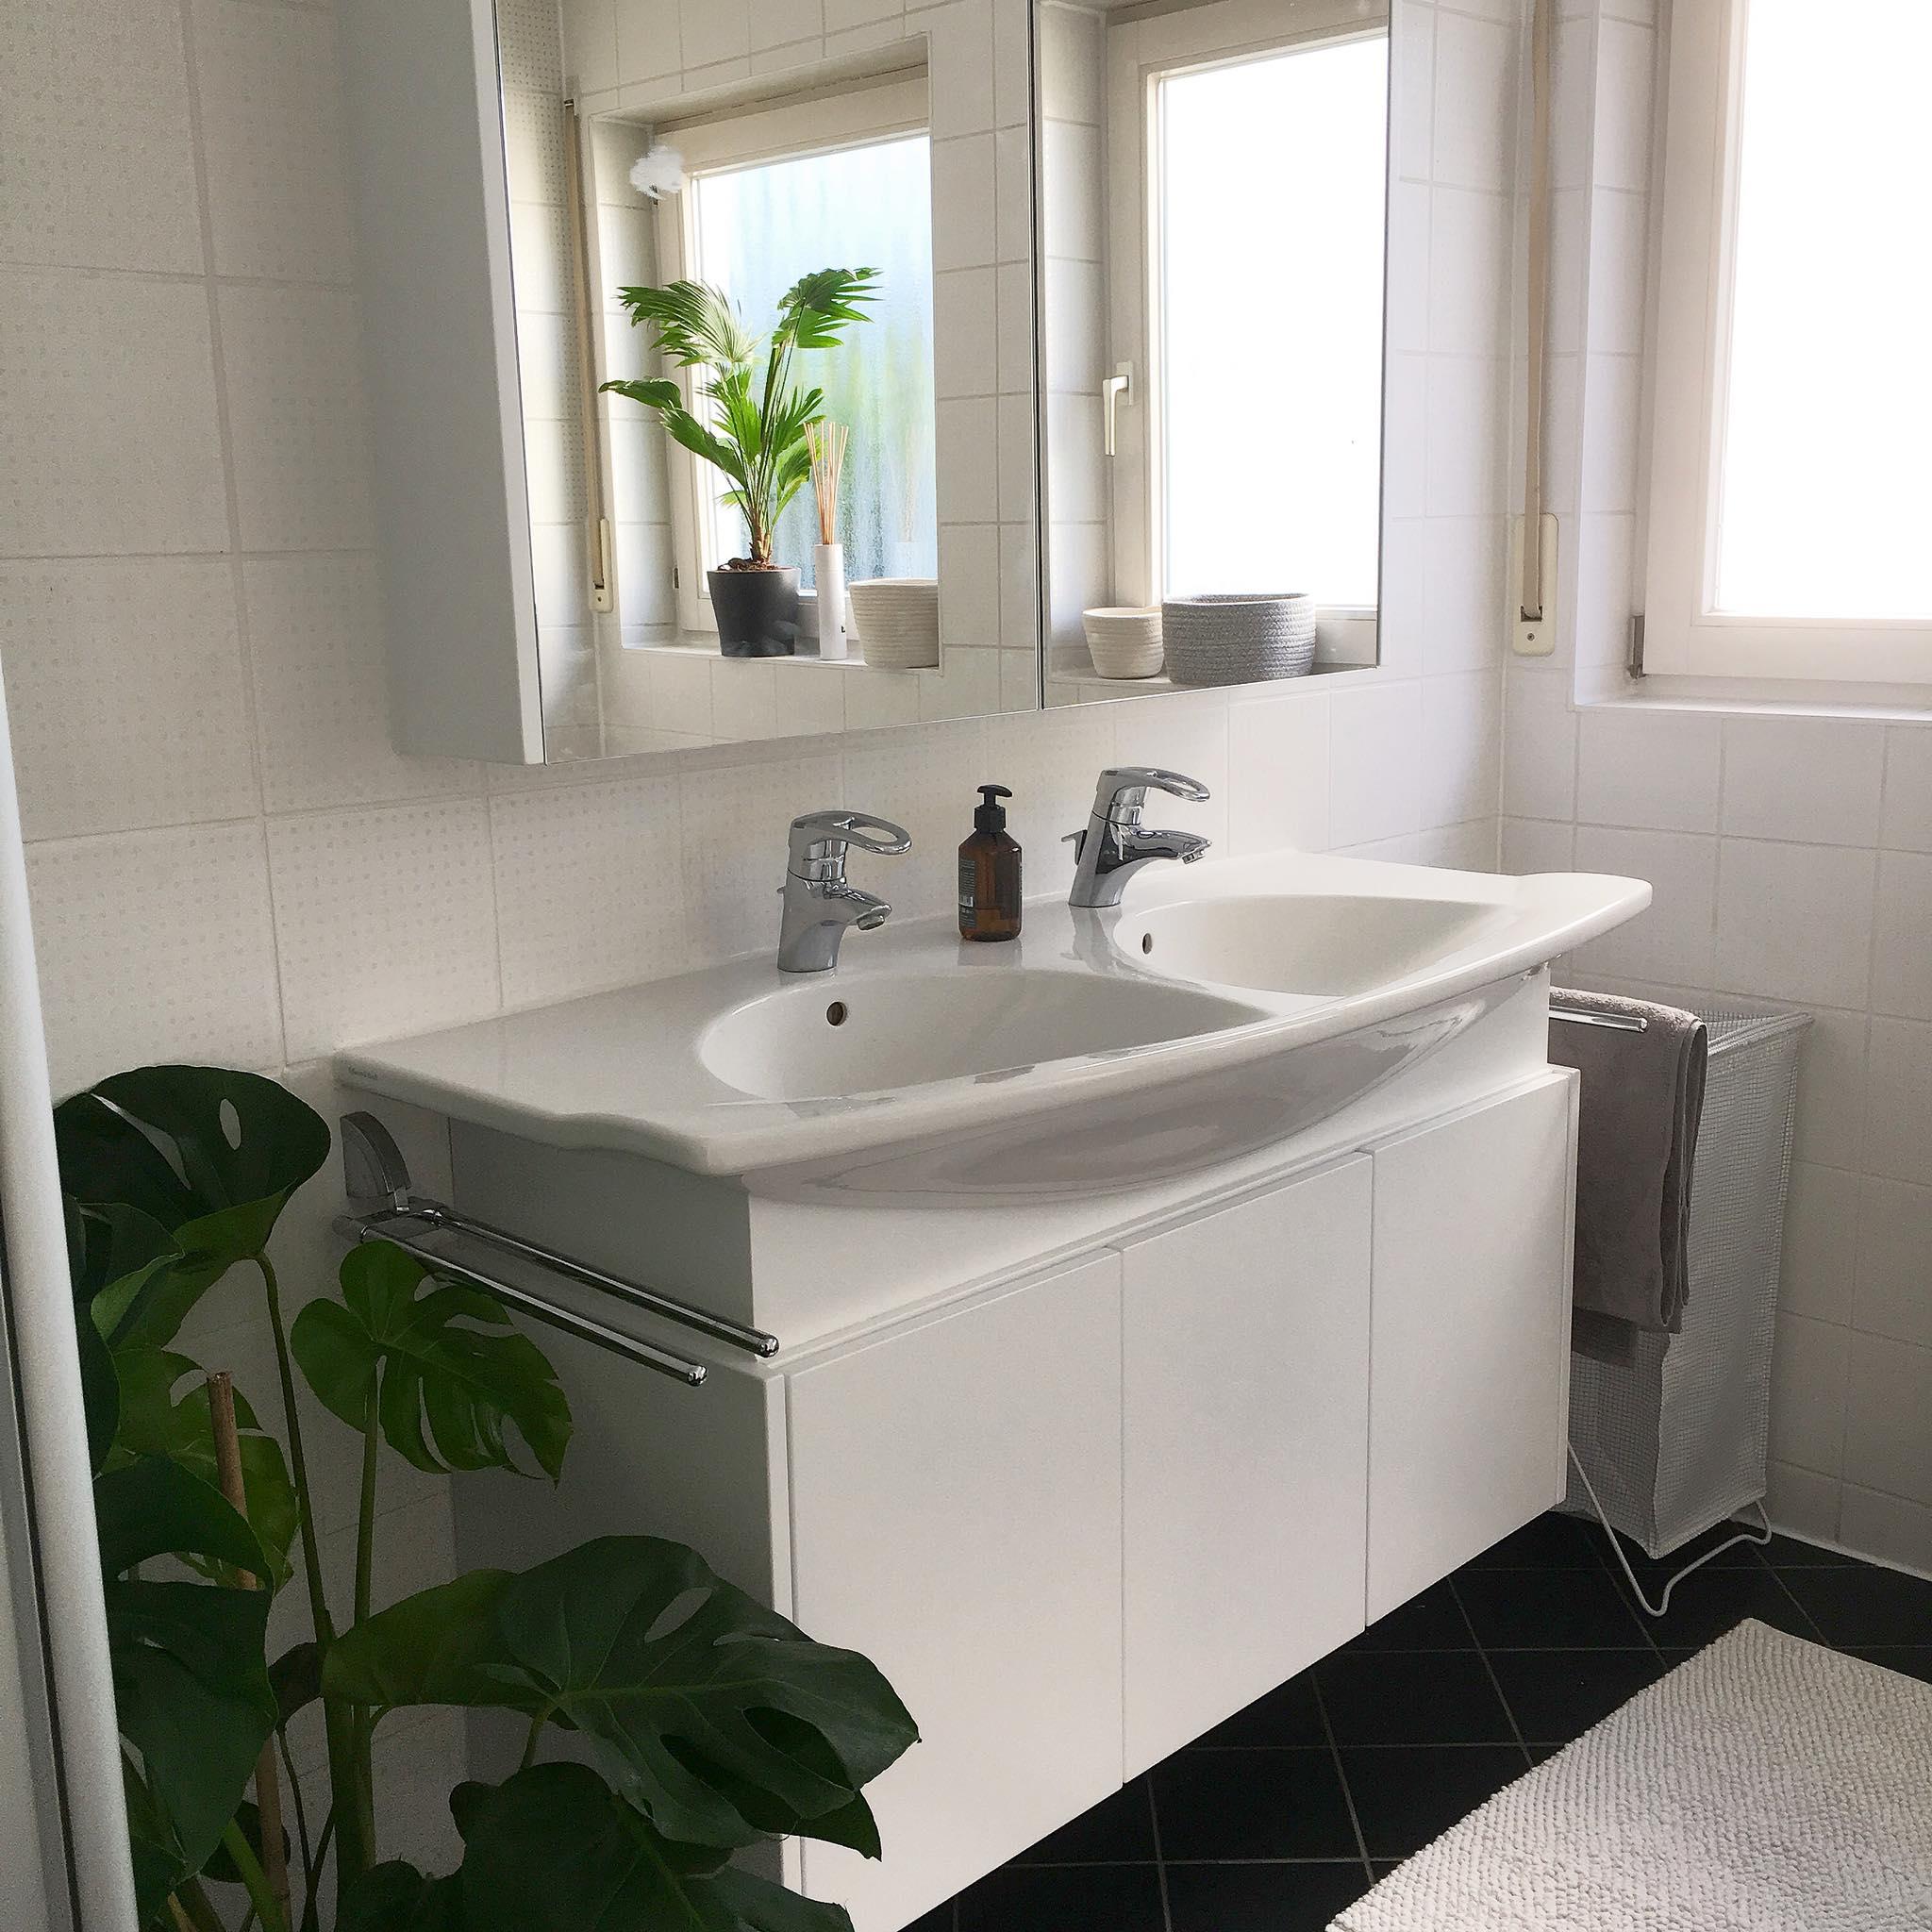 schreinerei julian grimm ideen mit holz der schreiner in fellbach badezimmerm bel. Black Bedroom Furniture Sets. Home Design Ideas